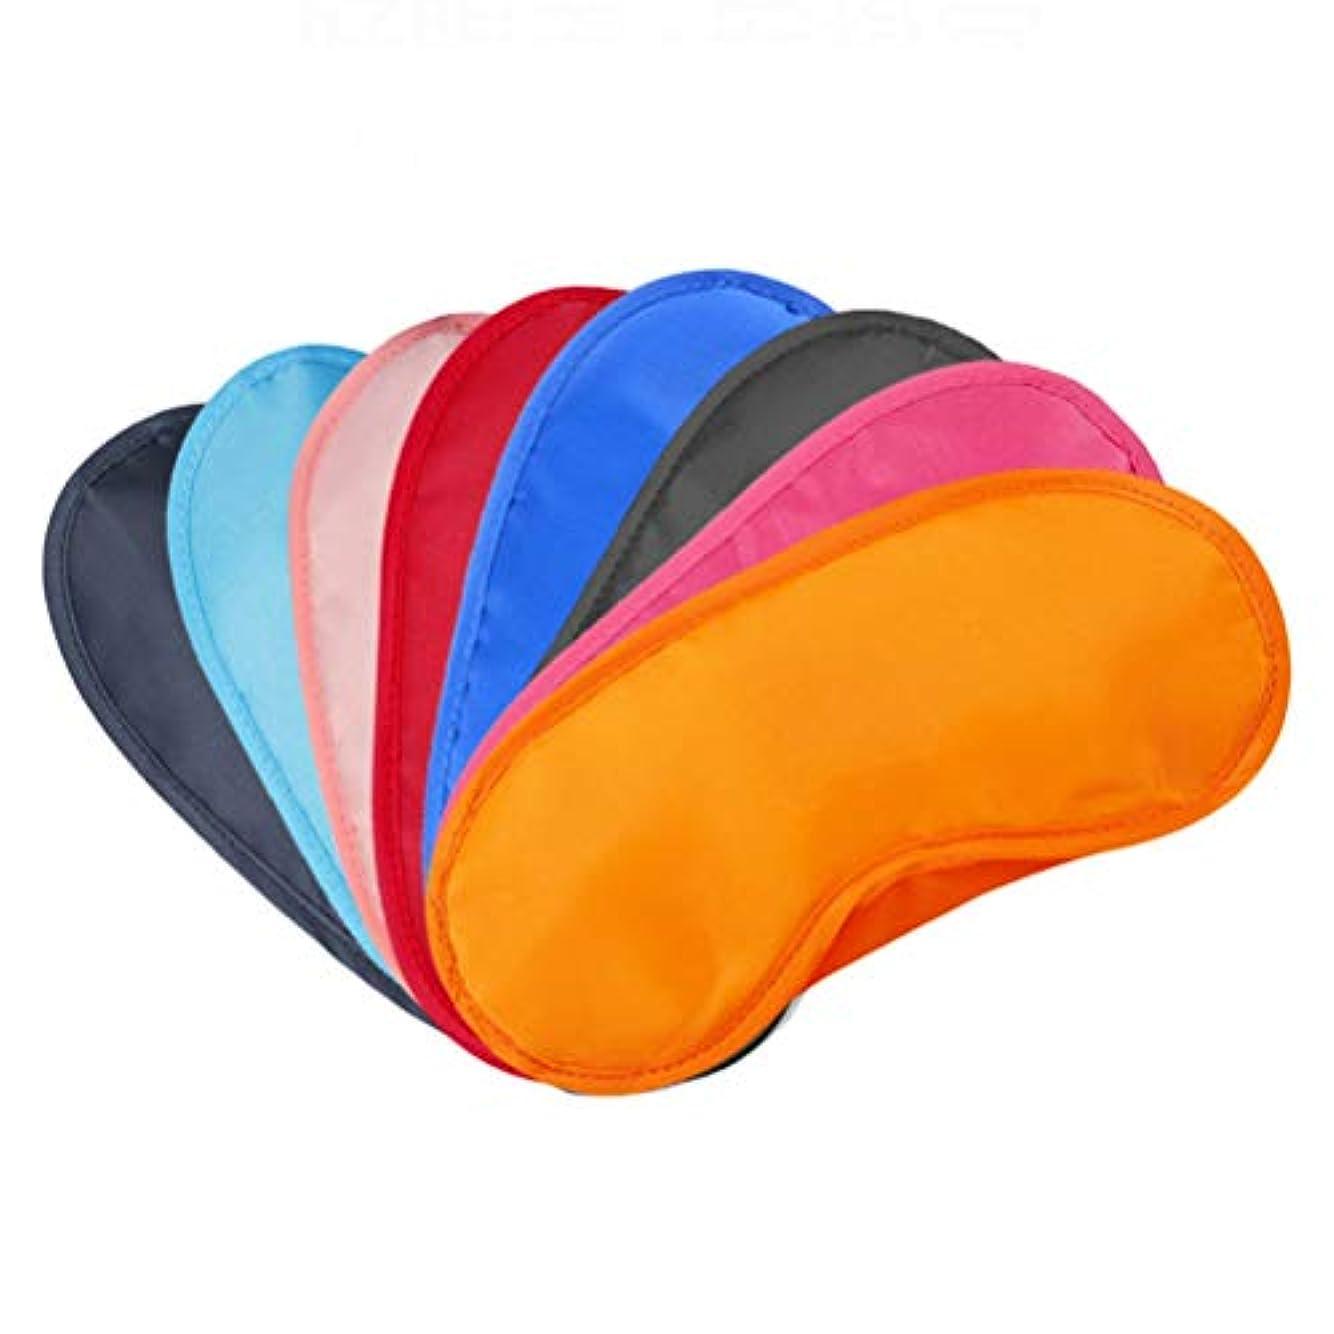 豆フォーク平日Lurrose 30ピースコットンアイスリーピングマスクレストアイマスク目隠し旅行用睡眠補助剤(混色)